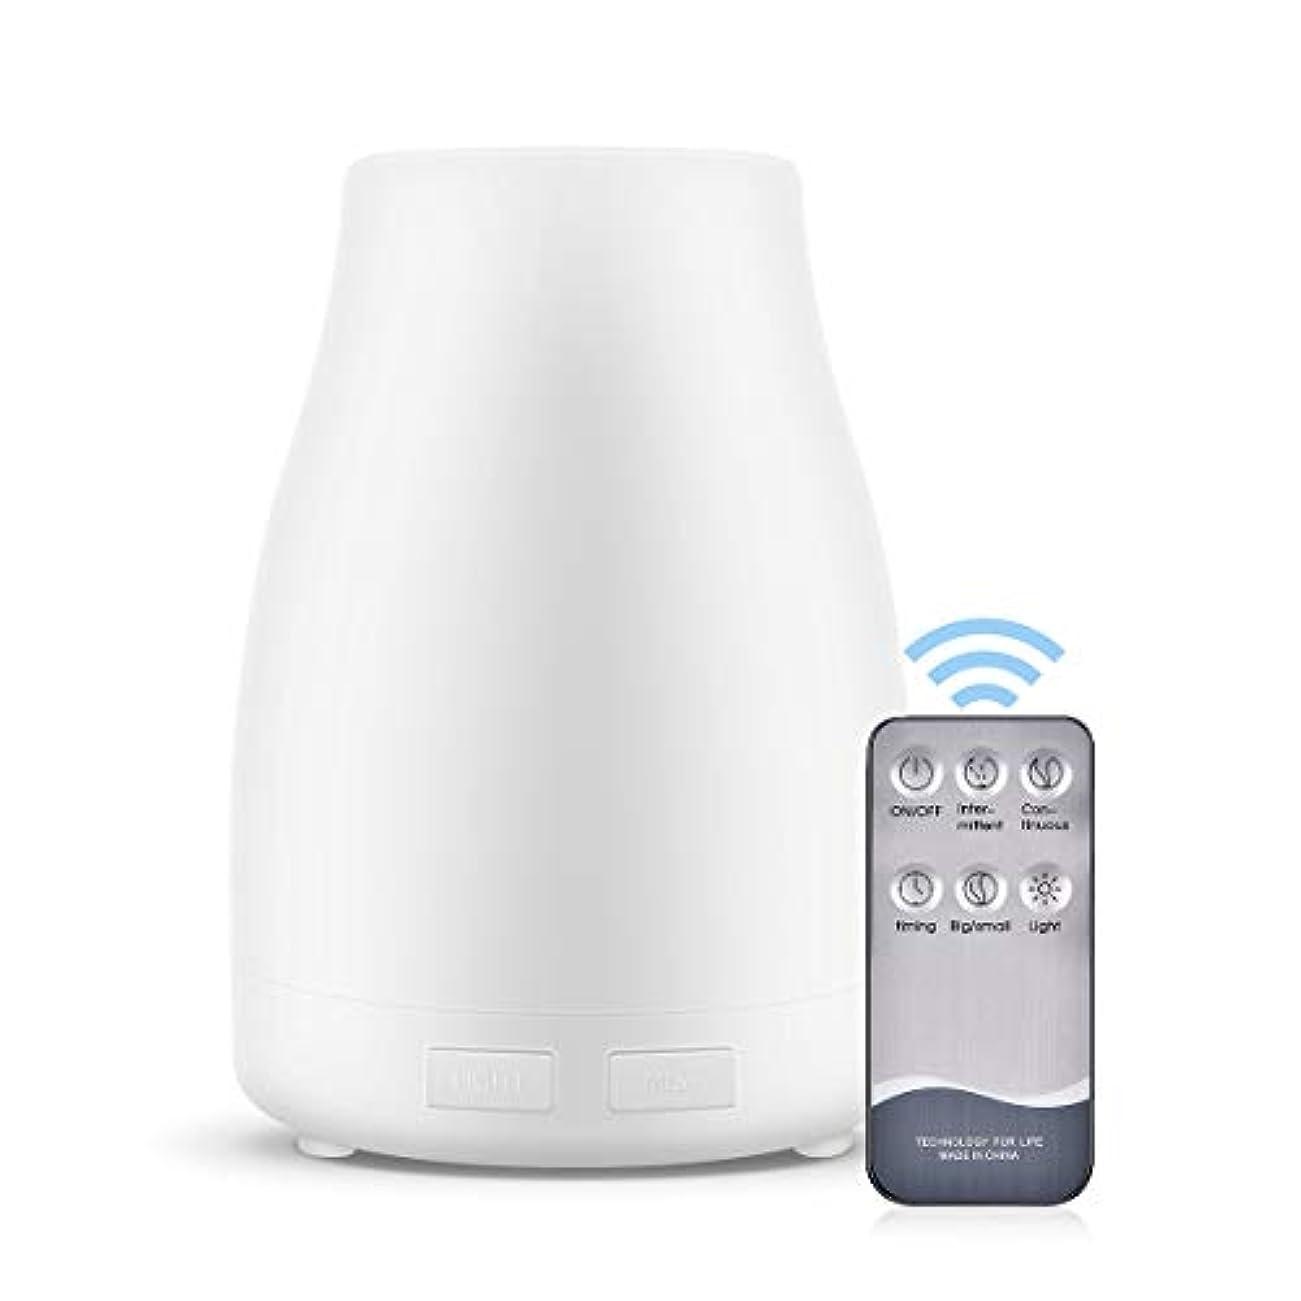 否認する配列誤解するアロマセラピーエッセンシャルオイルディフューザー加湿器300 MLリモートコントロール自動シャットオフタイマー設定と超音波冷気ミスト加湿器,UKplug